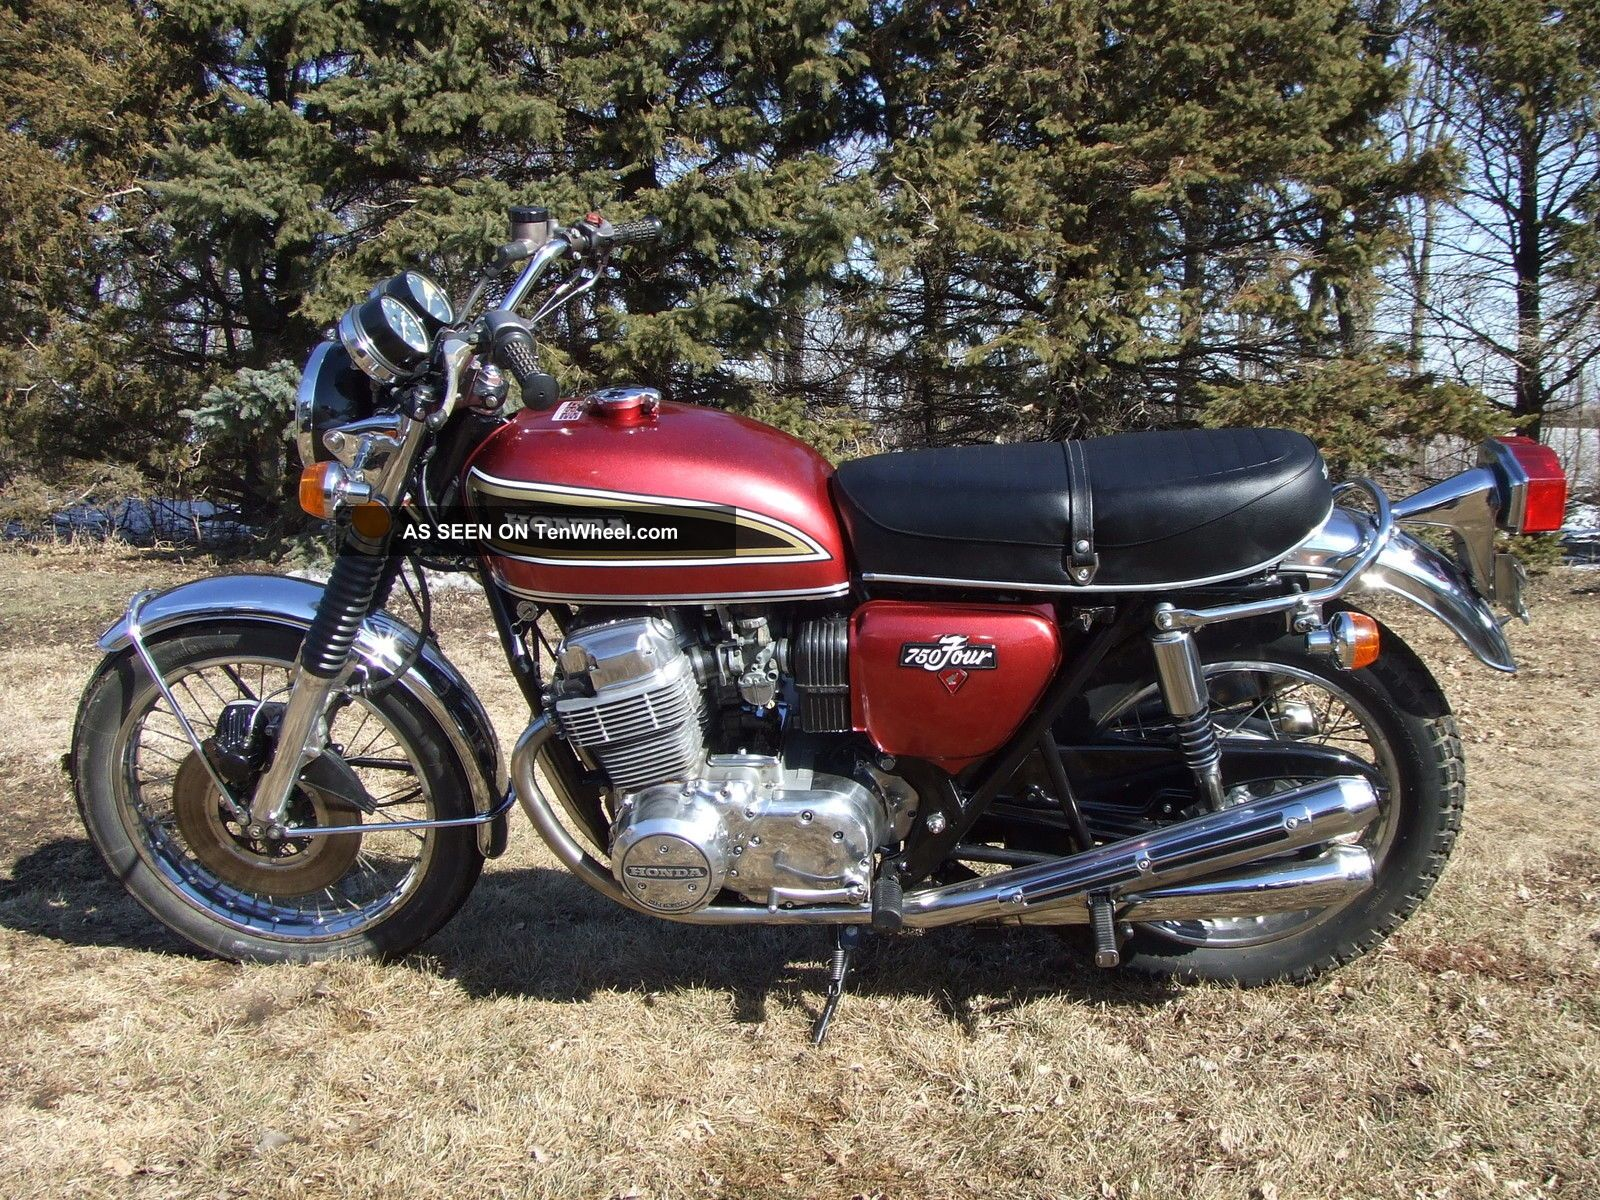 1973 Honda Cb 750 Four